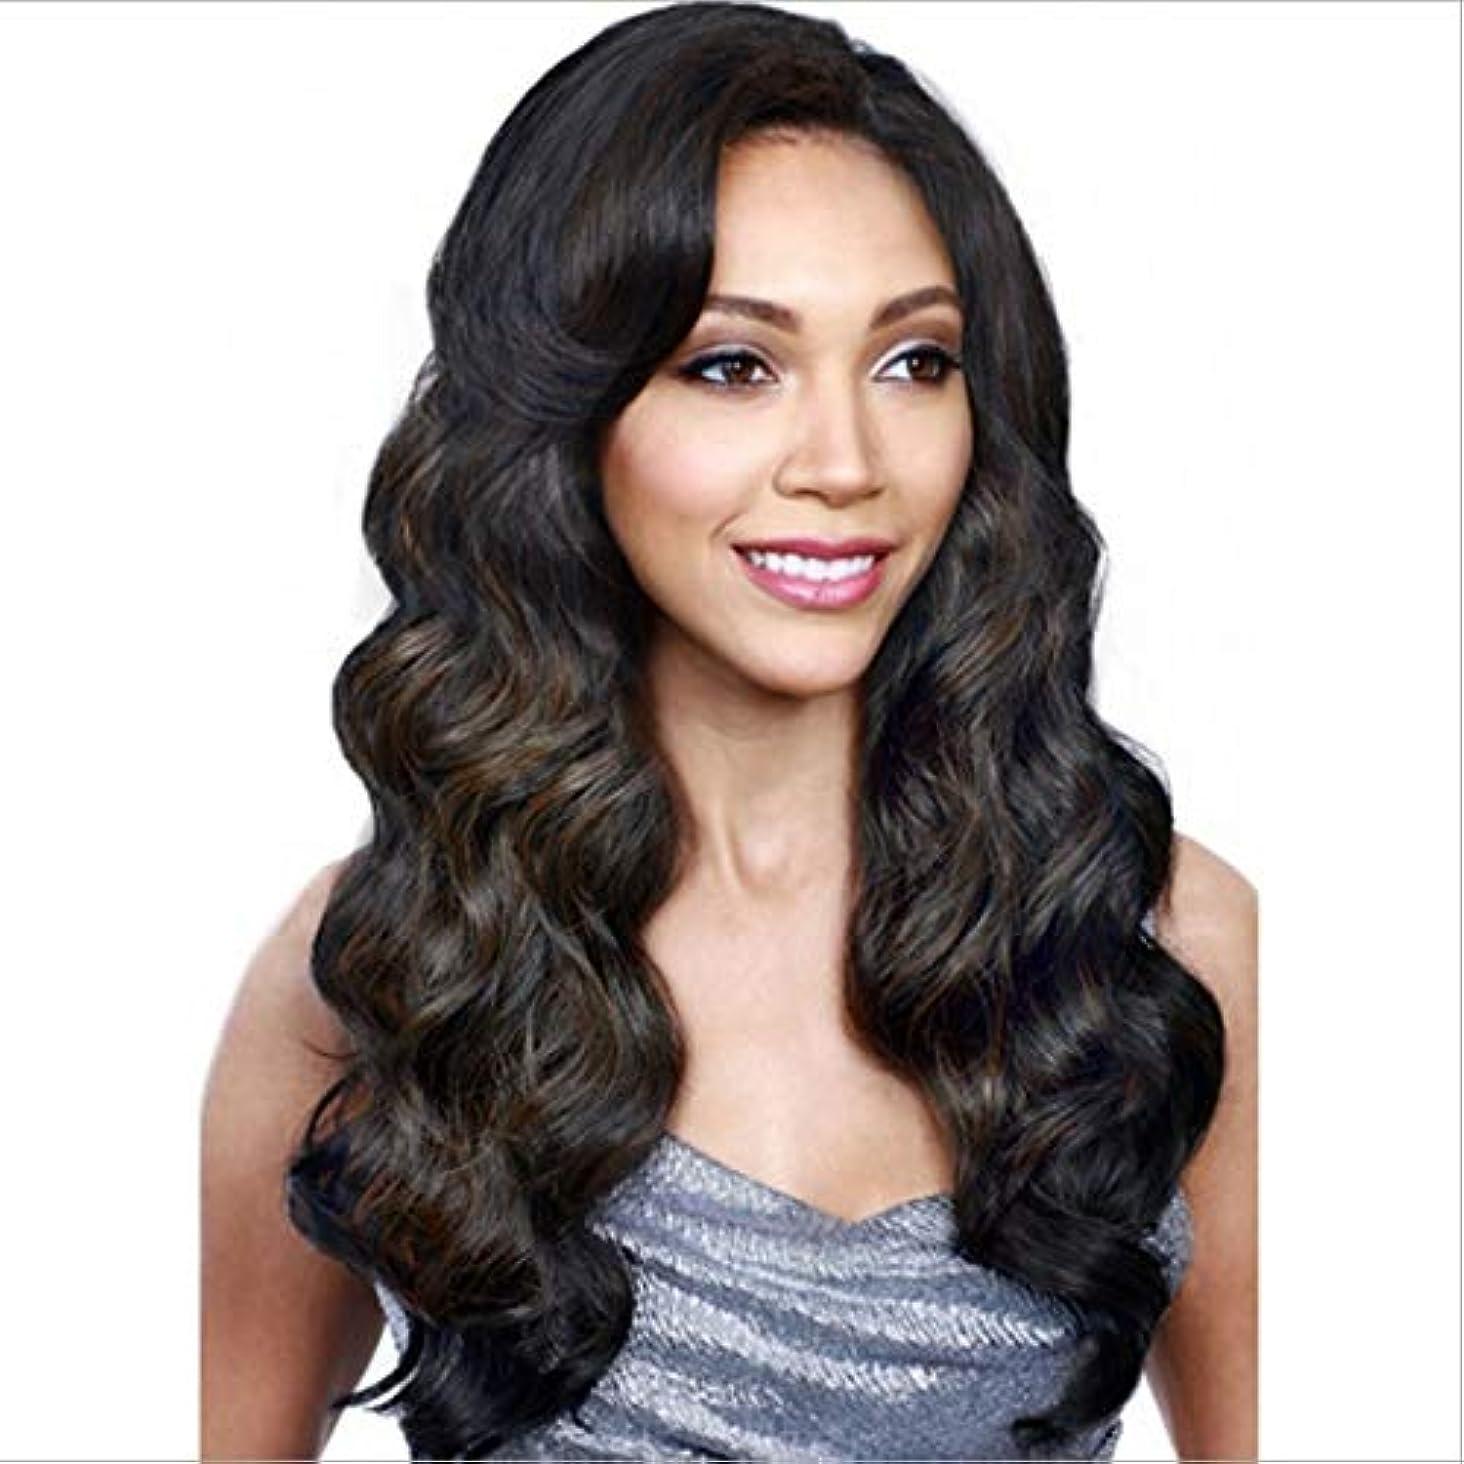 アーク勉強する若いJOYS CLOTHING 女性のための長い巻き毛の層状の耐熱性合成毛髪のかつらを分けてヘアセンターで合成女性のかつら